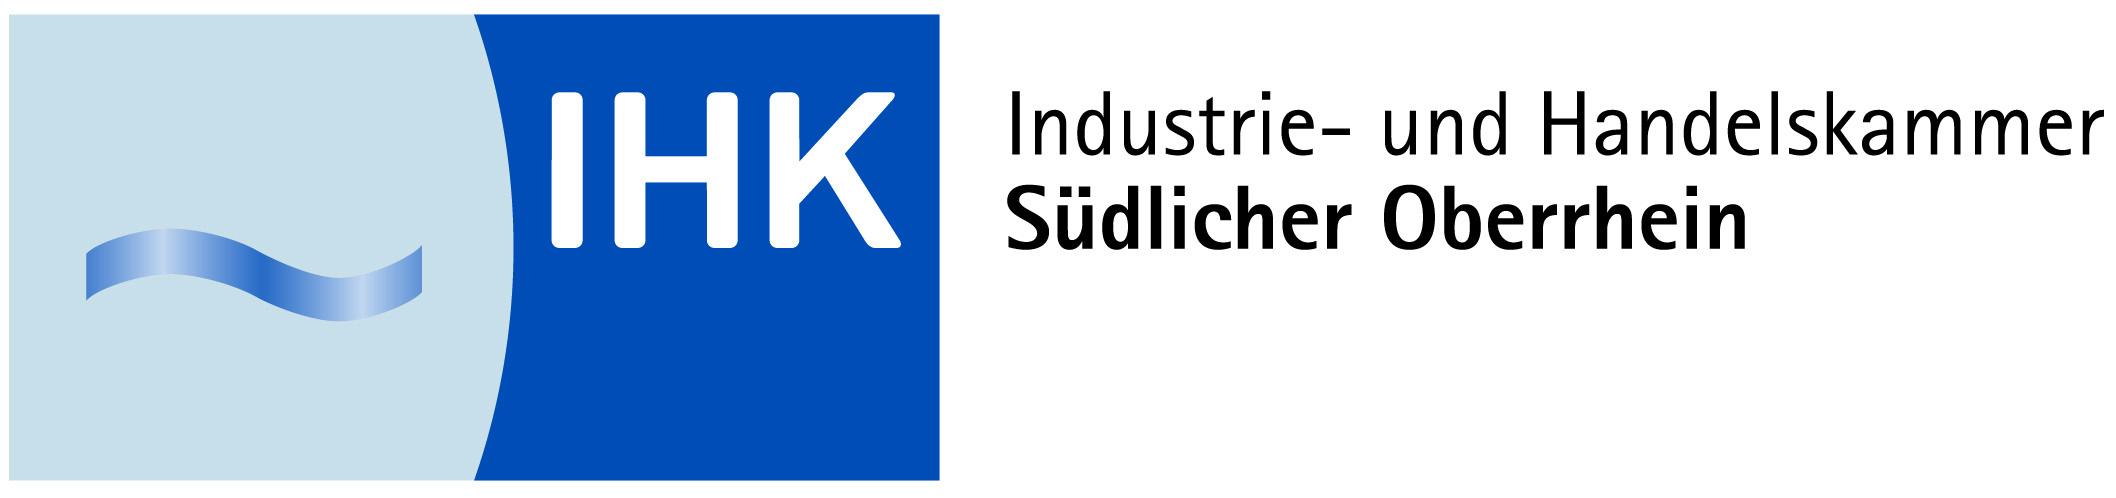 Logo Industrie- und Handelskammer Südlicher Oberrhein